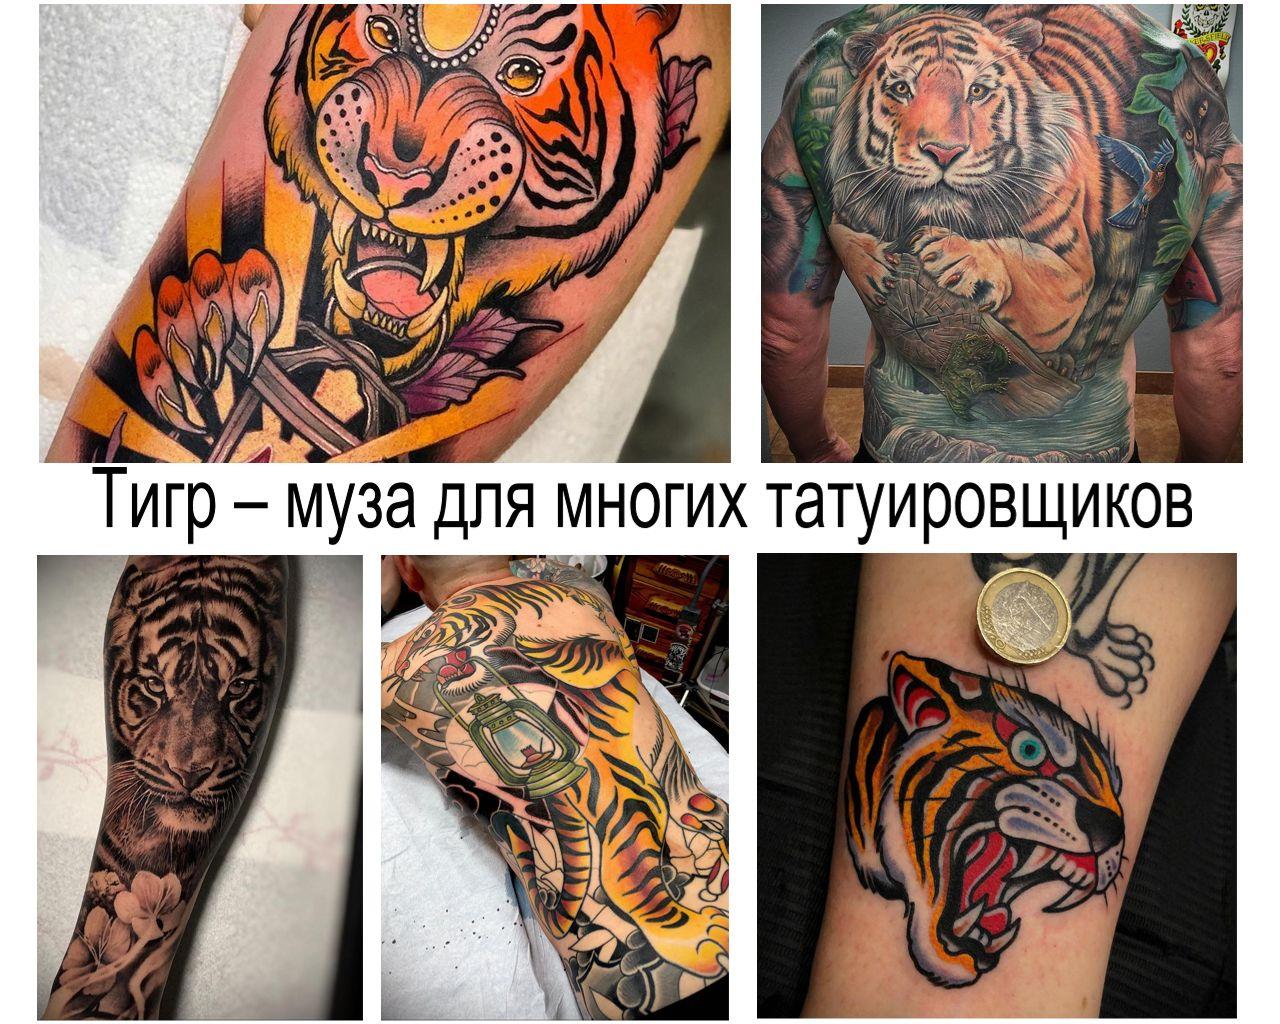 Тигр – король джунглей и муза для многих татуировщиков